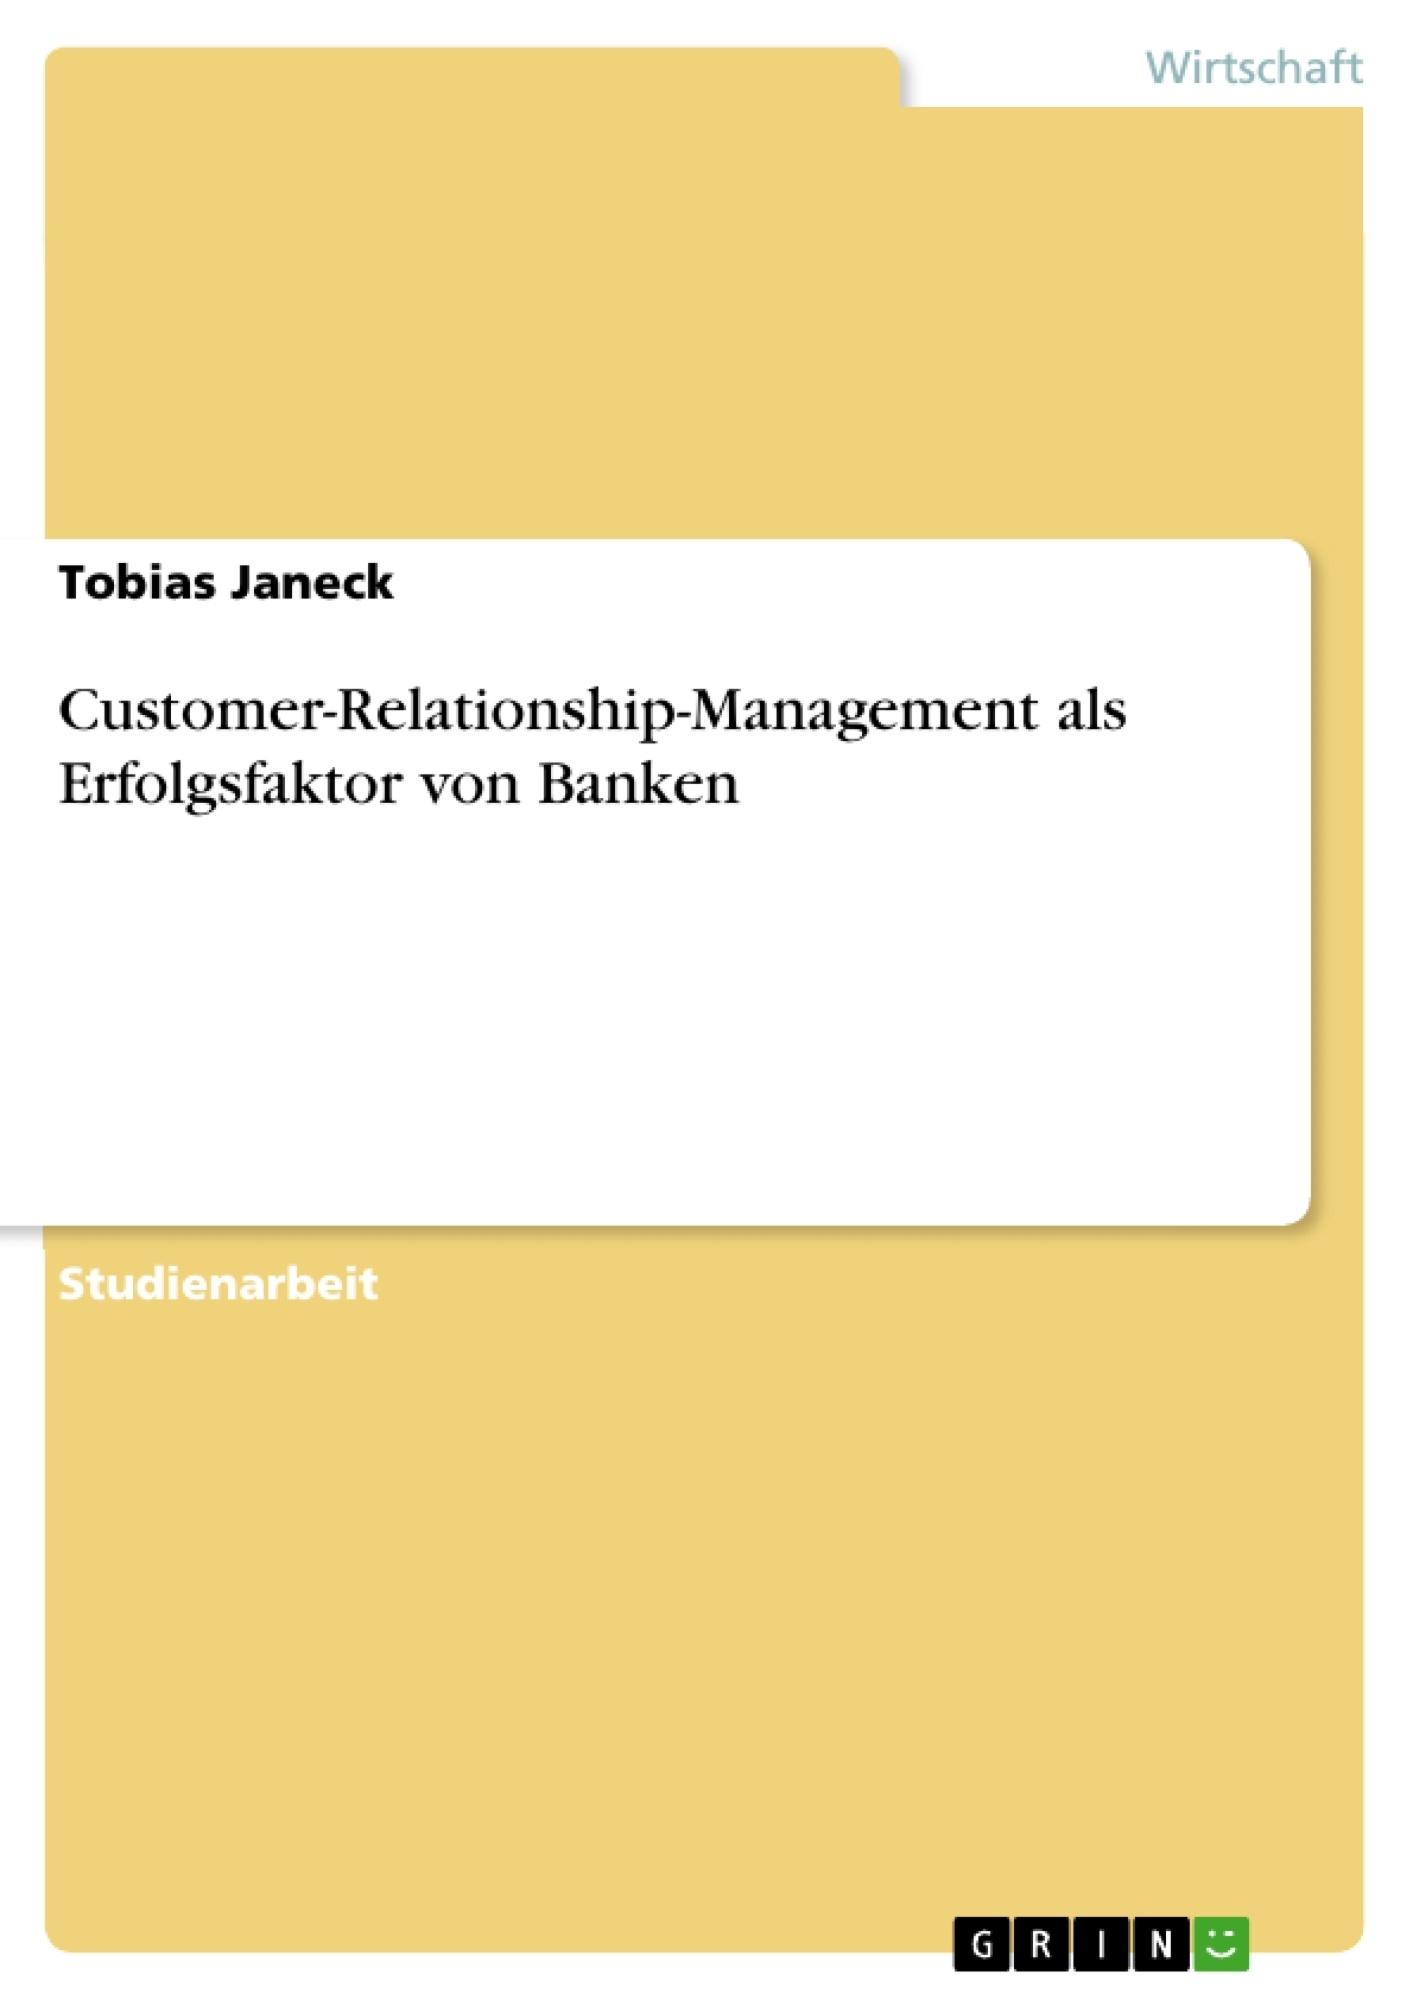 Titel: Customer-Relationship-Management als Erfolgsfaktor von Banken